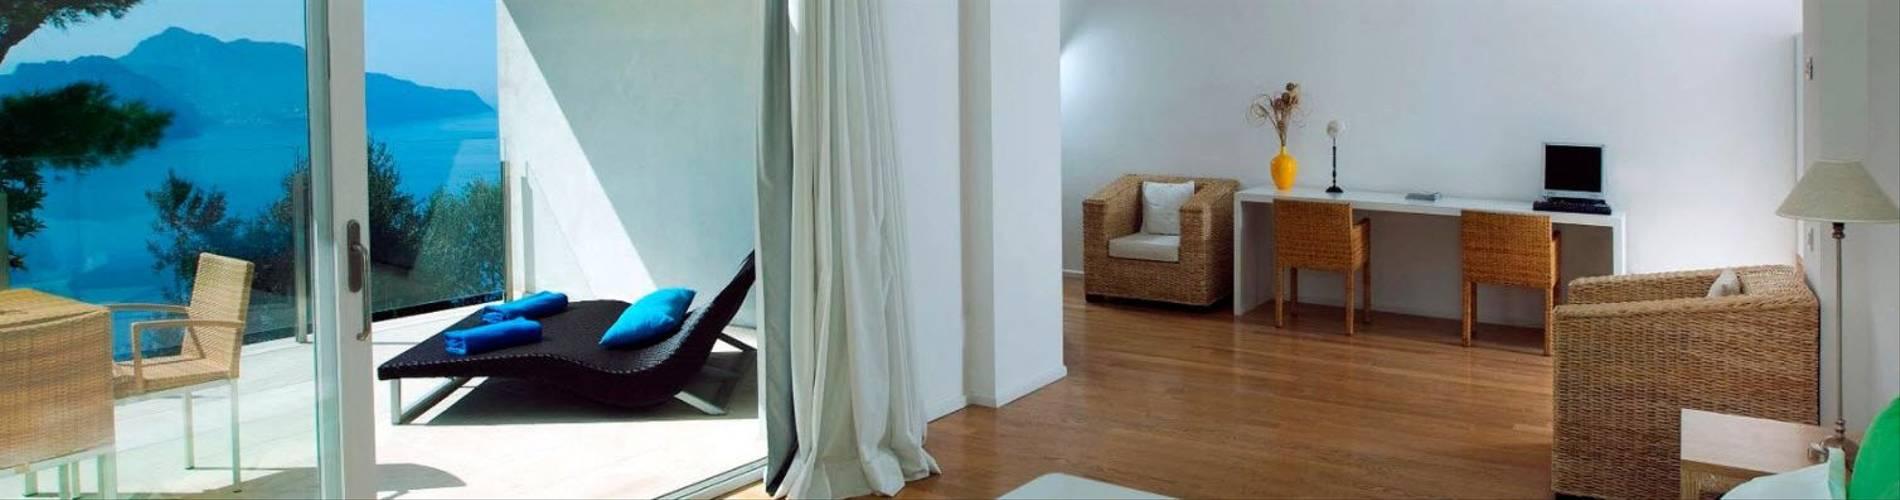 Relais Blu, Sorrento, Italy, Special Room SV (2).jpg